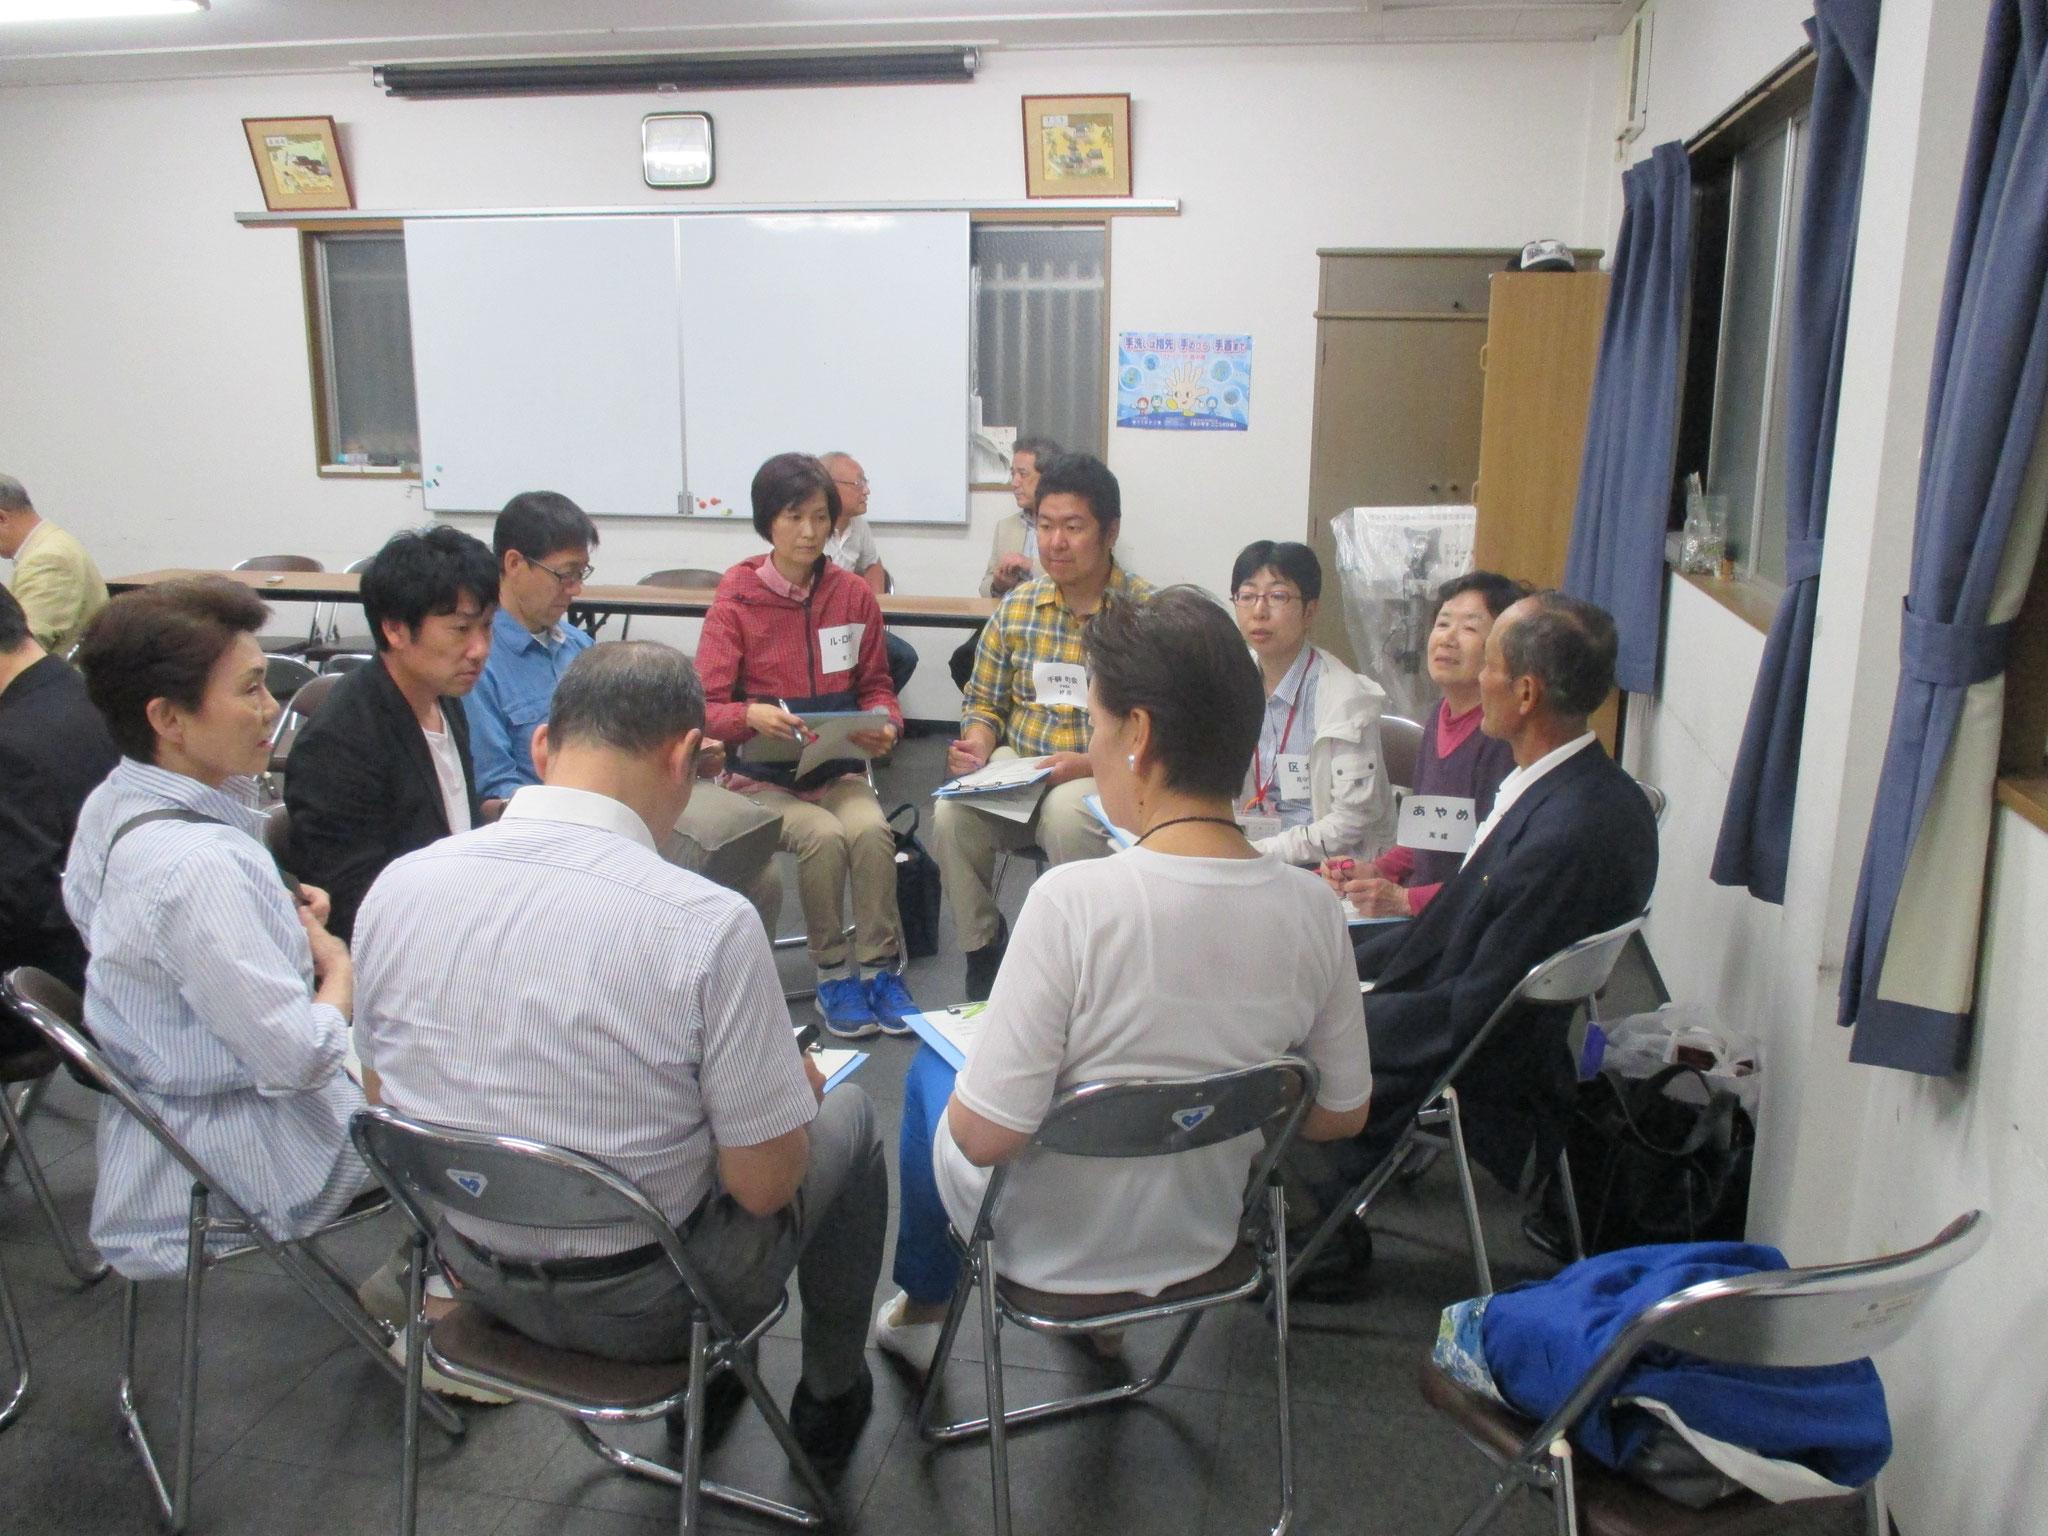 グループワーク 1班